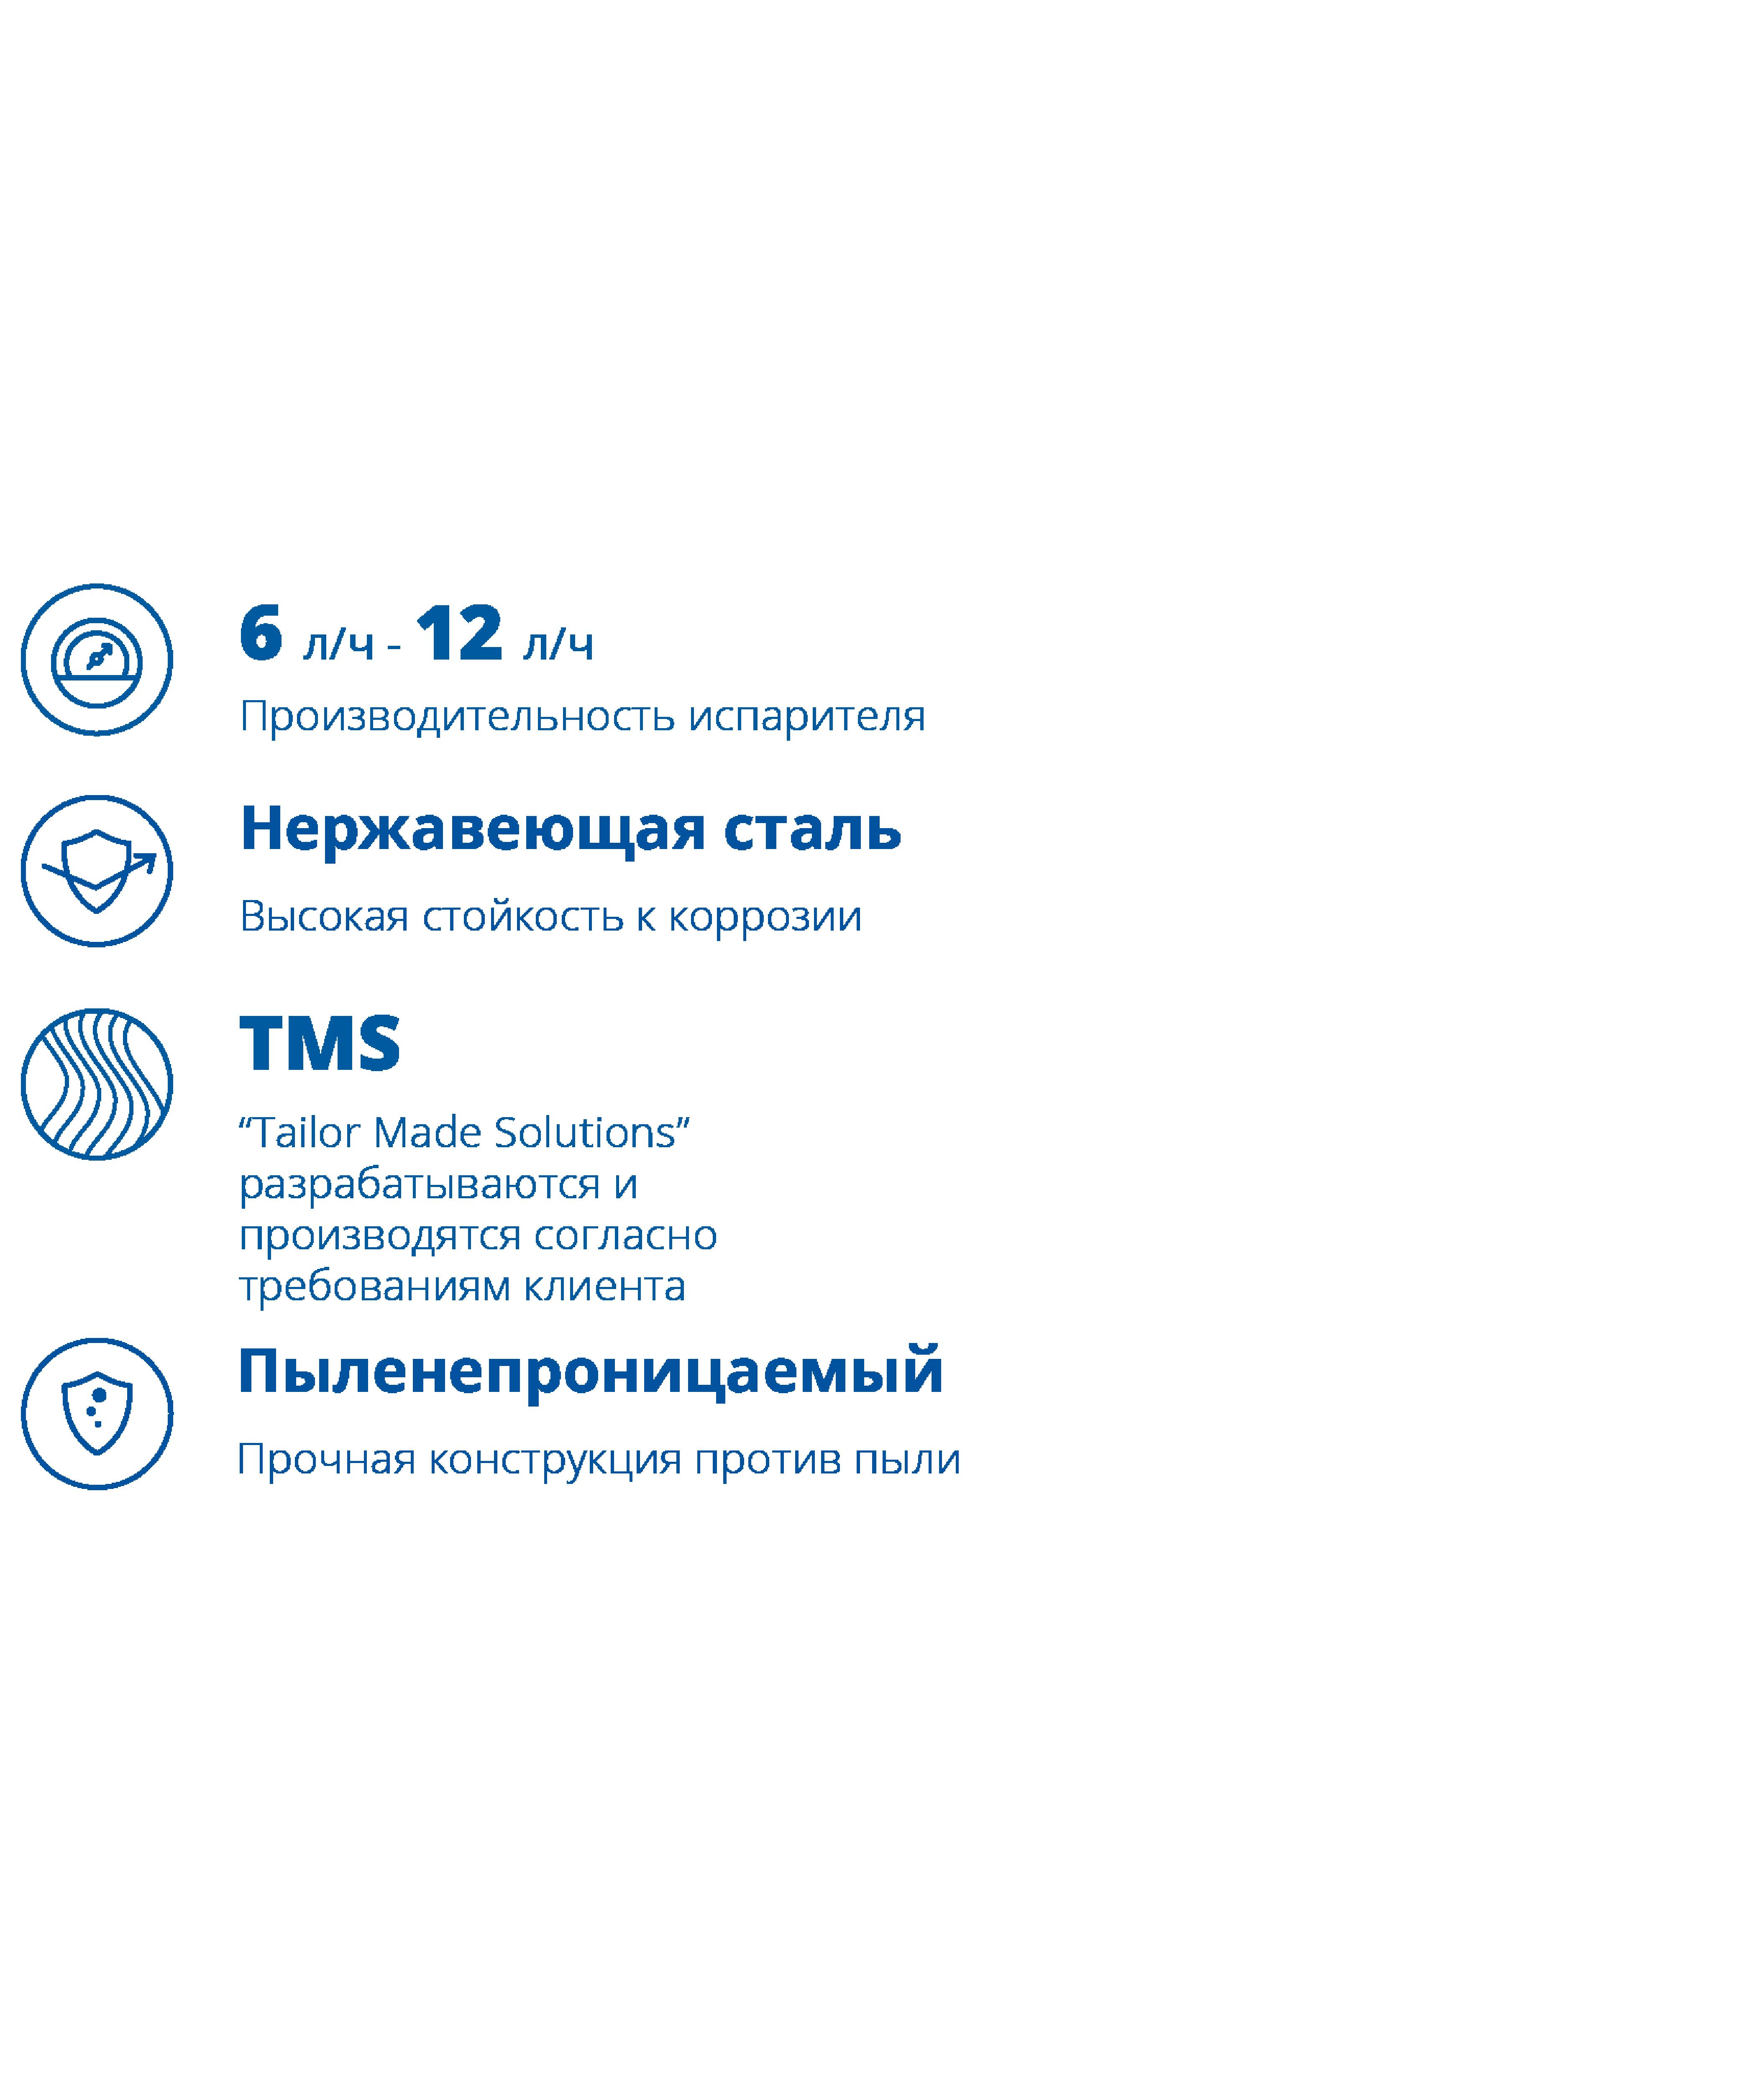 TMS_DWE_Icons_ru